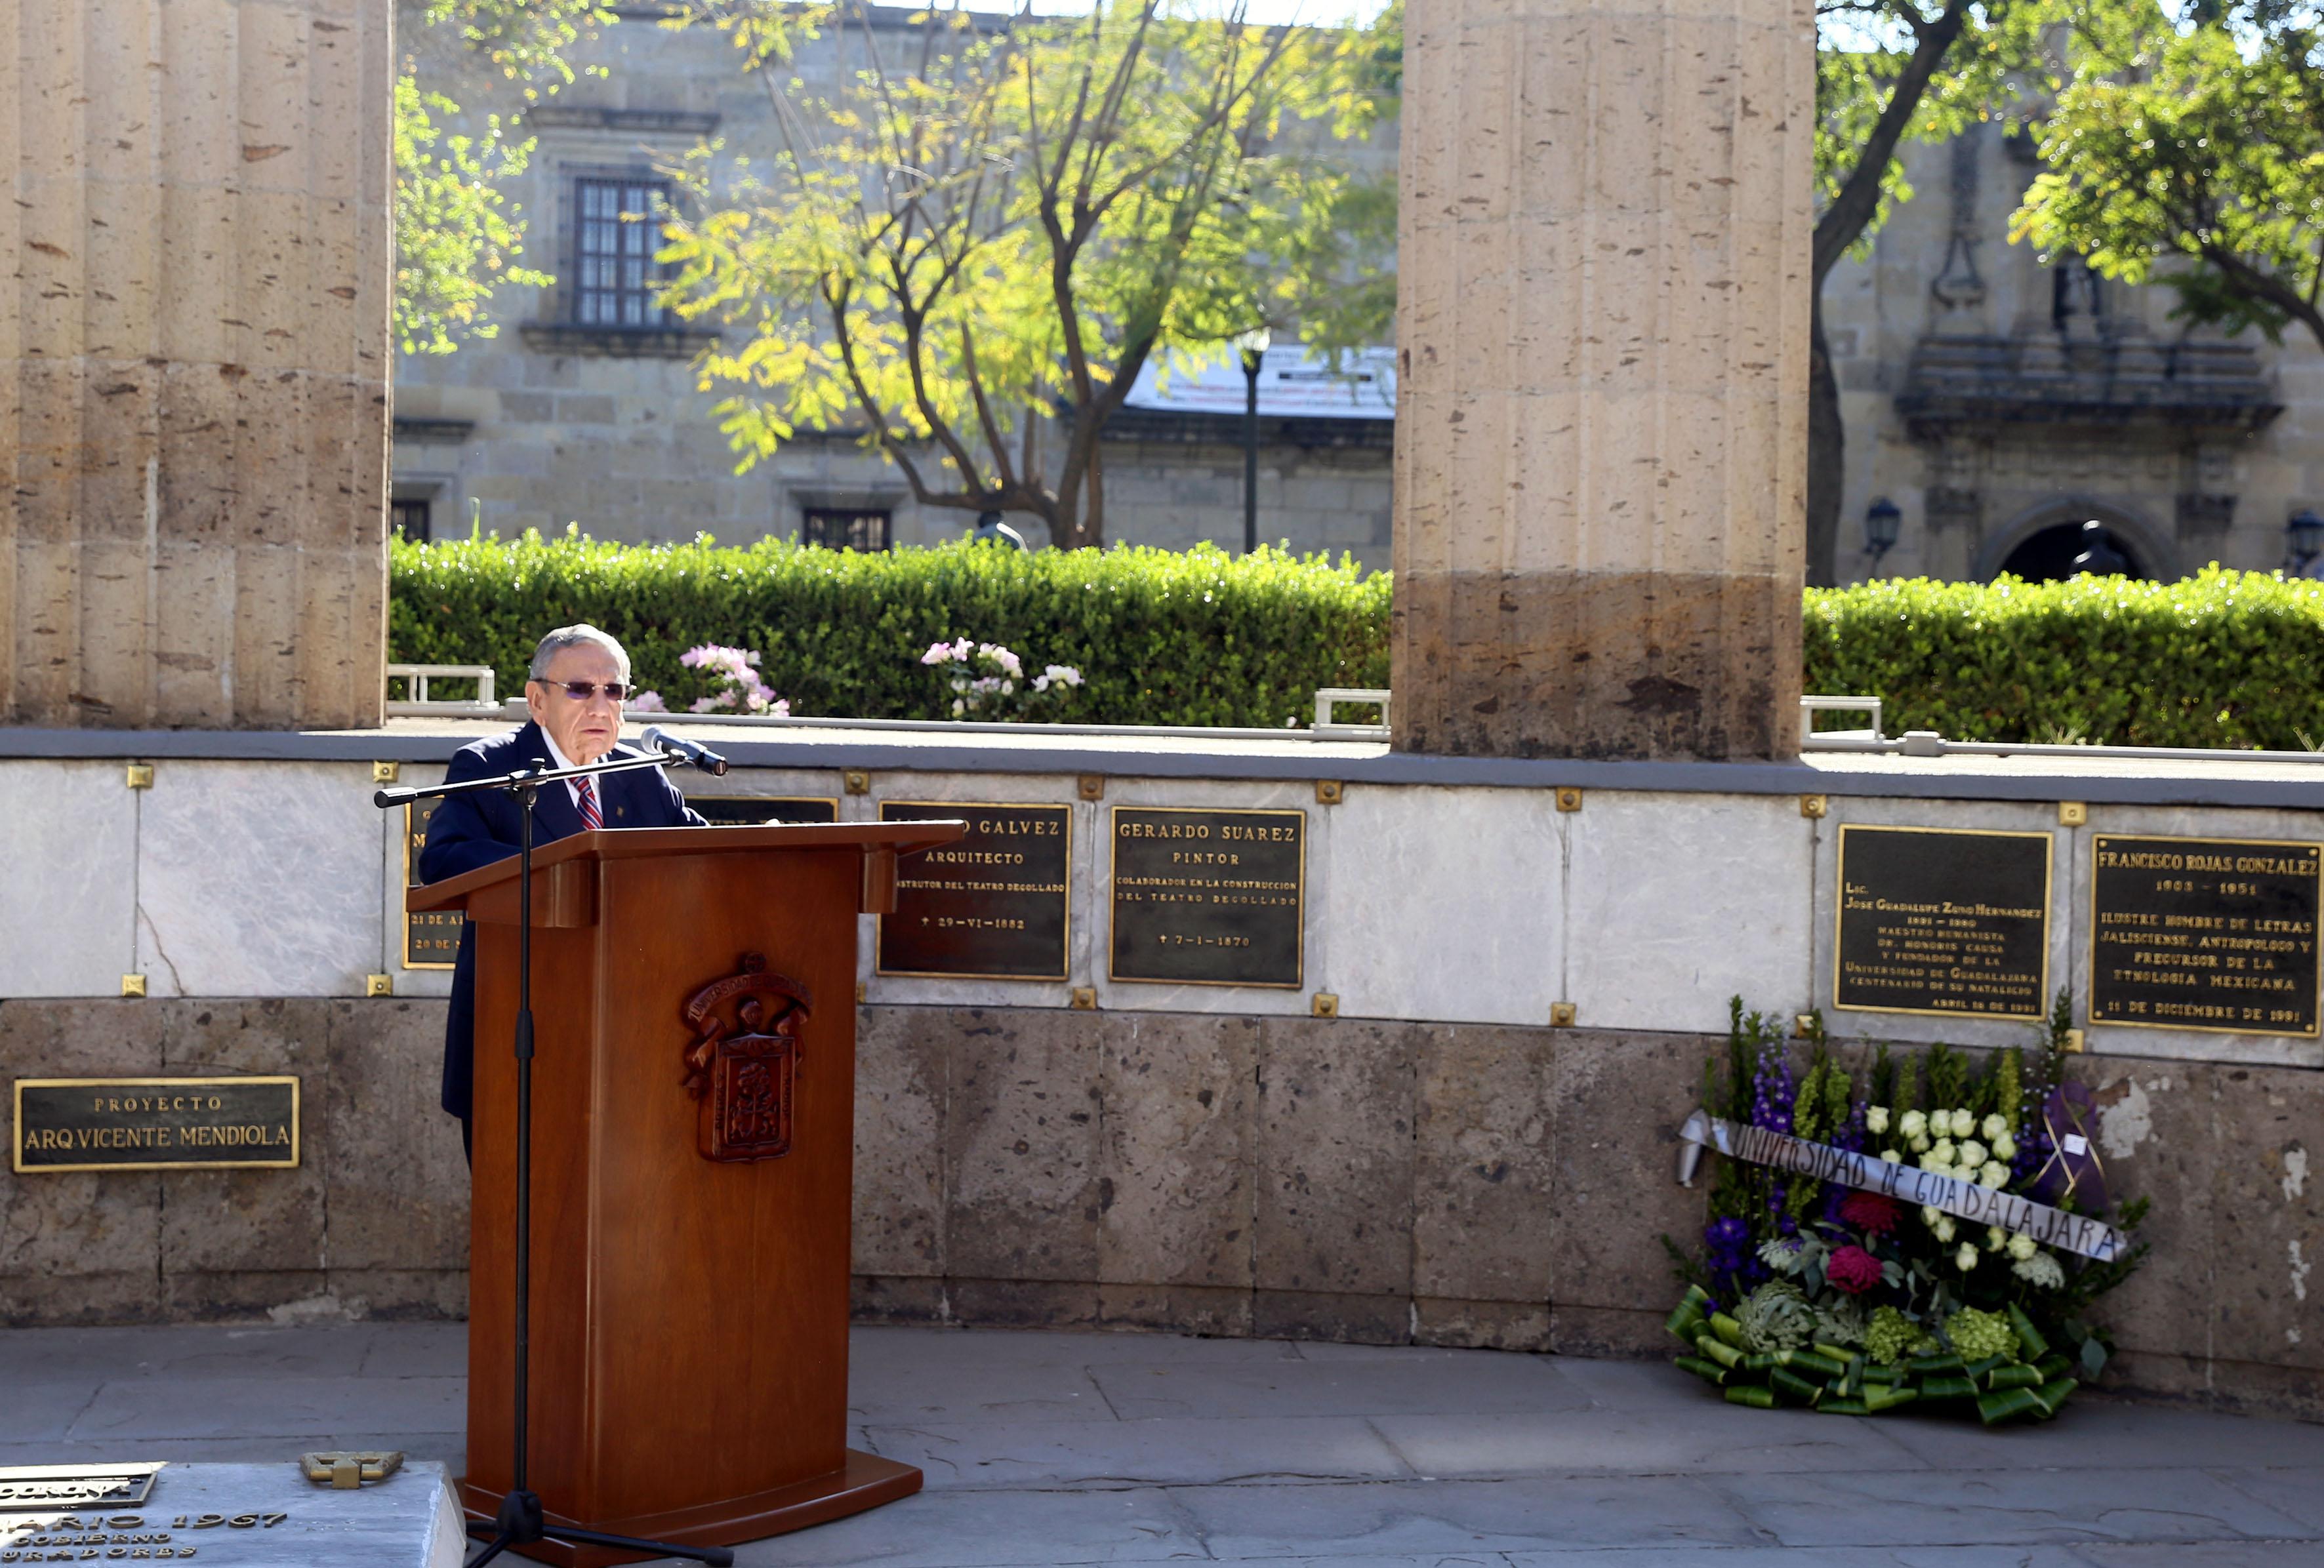 El Maestro Emérito de la UdeG, Adalberto Ortega Solís, en podium instalado en la Rotonda de los hombres ilustres, hacendo uso de la palabra.